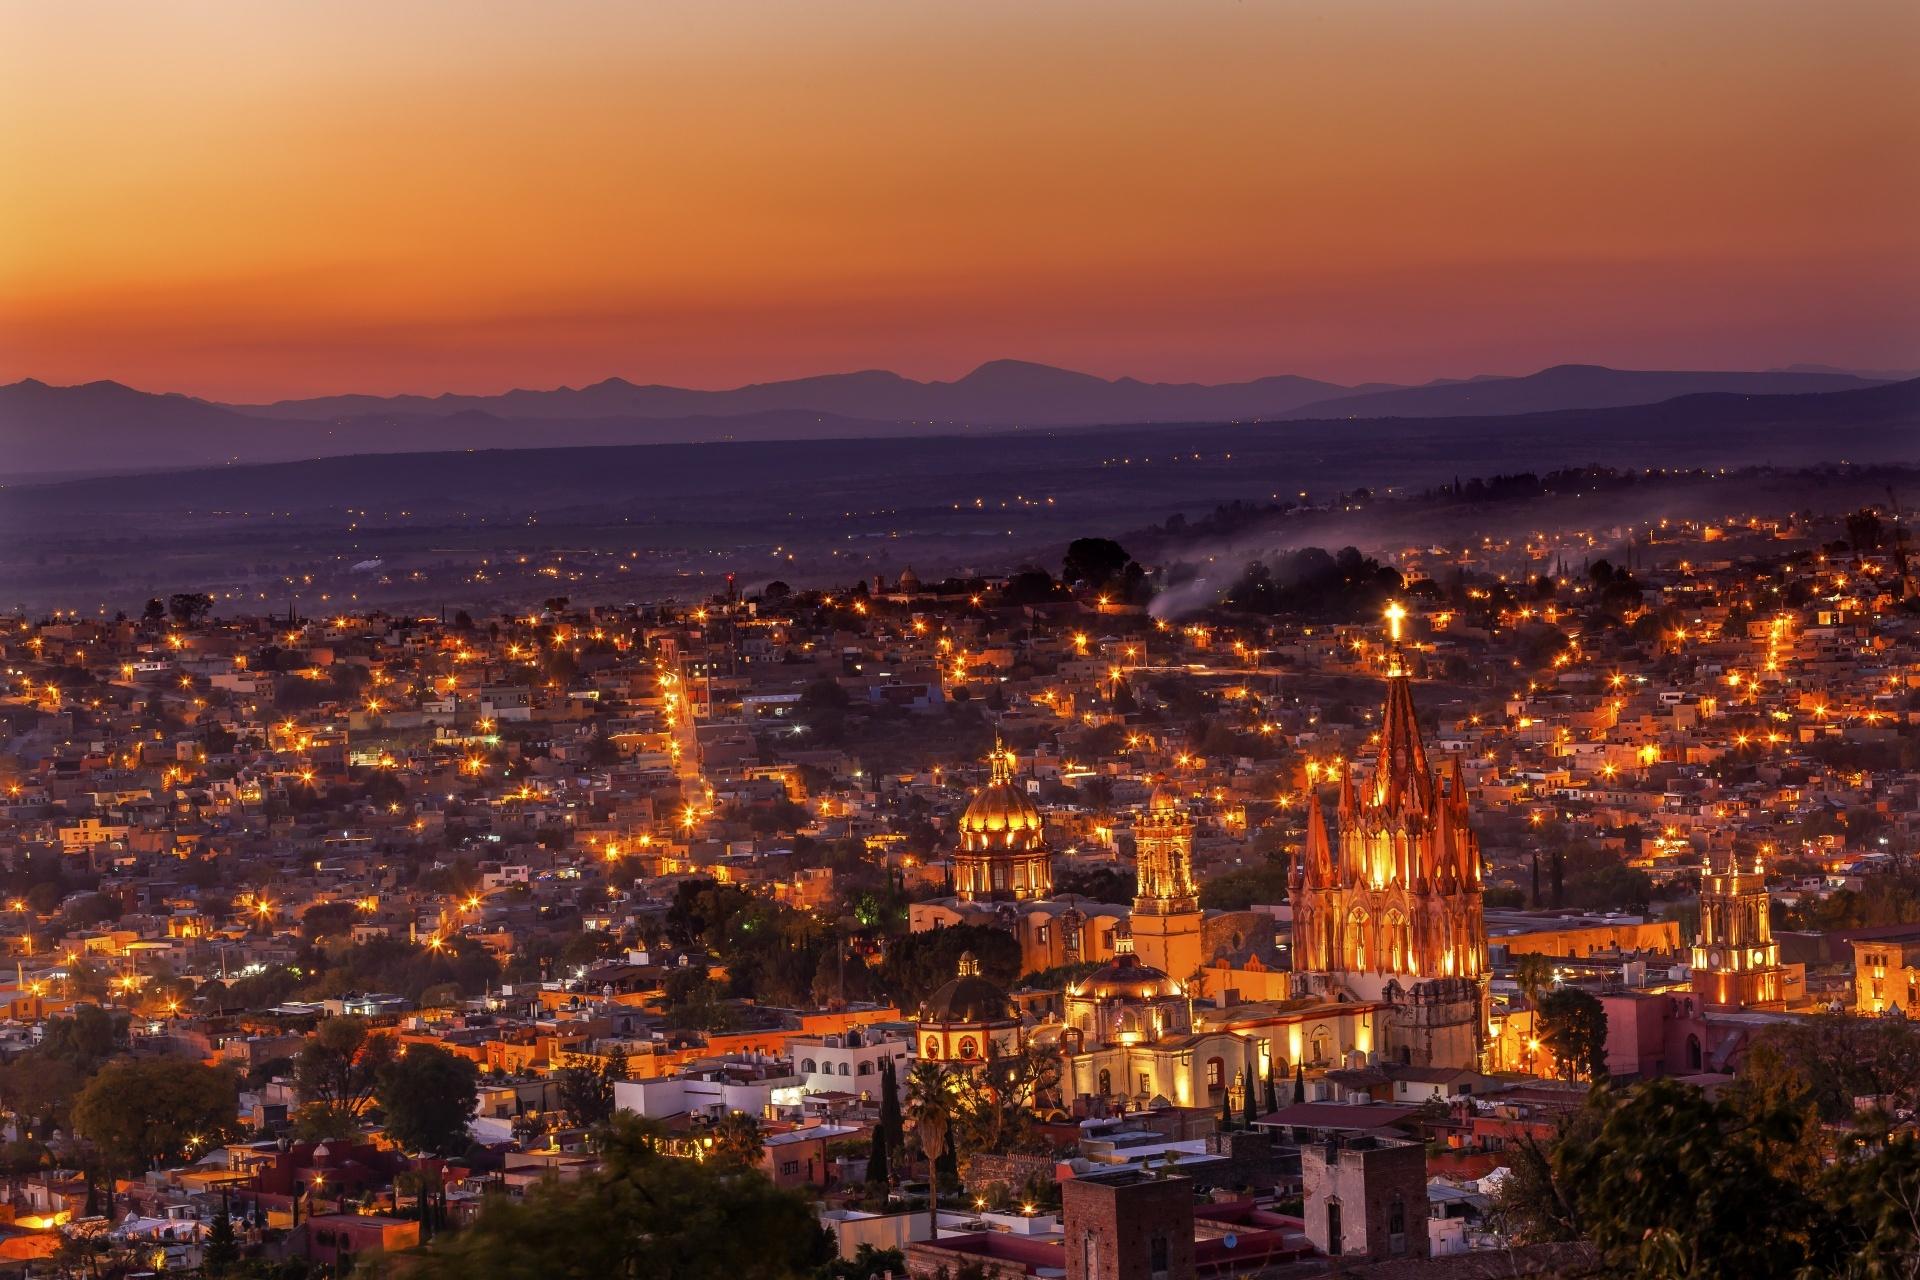 ライトアップされたパロキア教会とサン・ミゲル・デ・アジェンデの町並み メキシコの風景